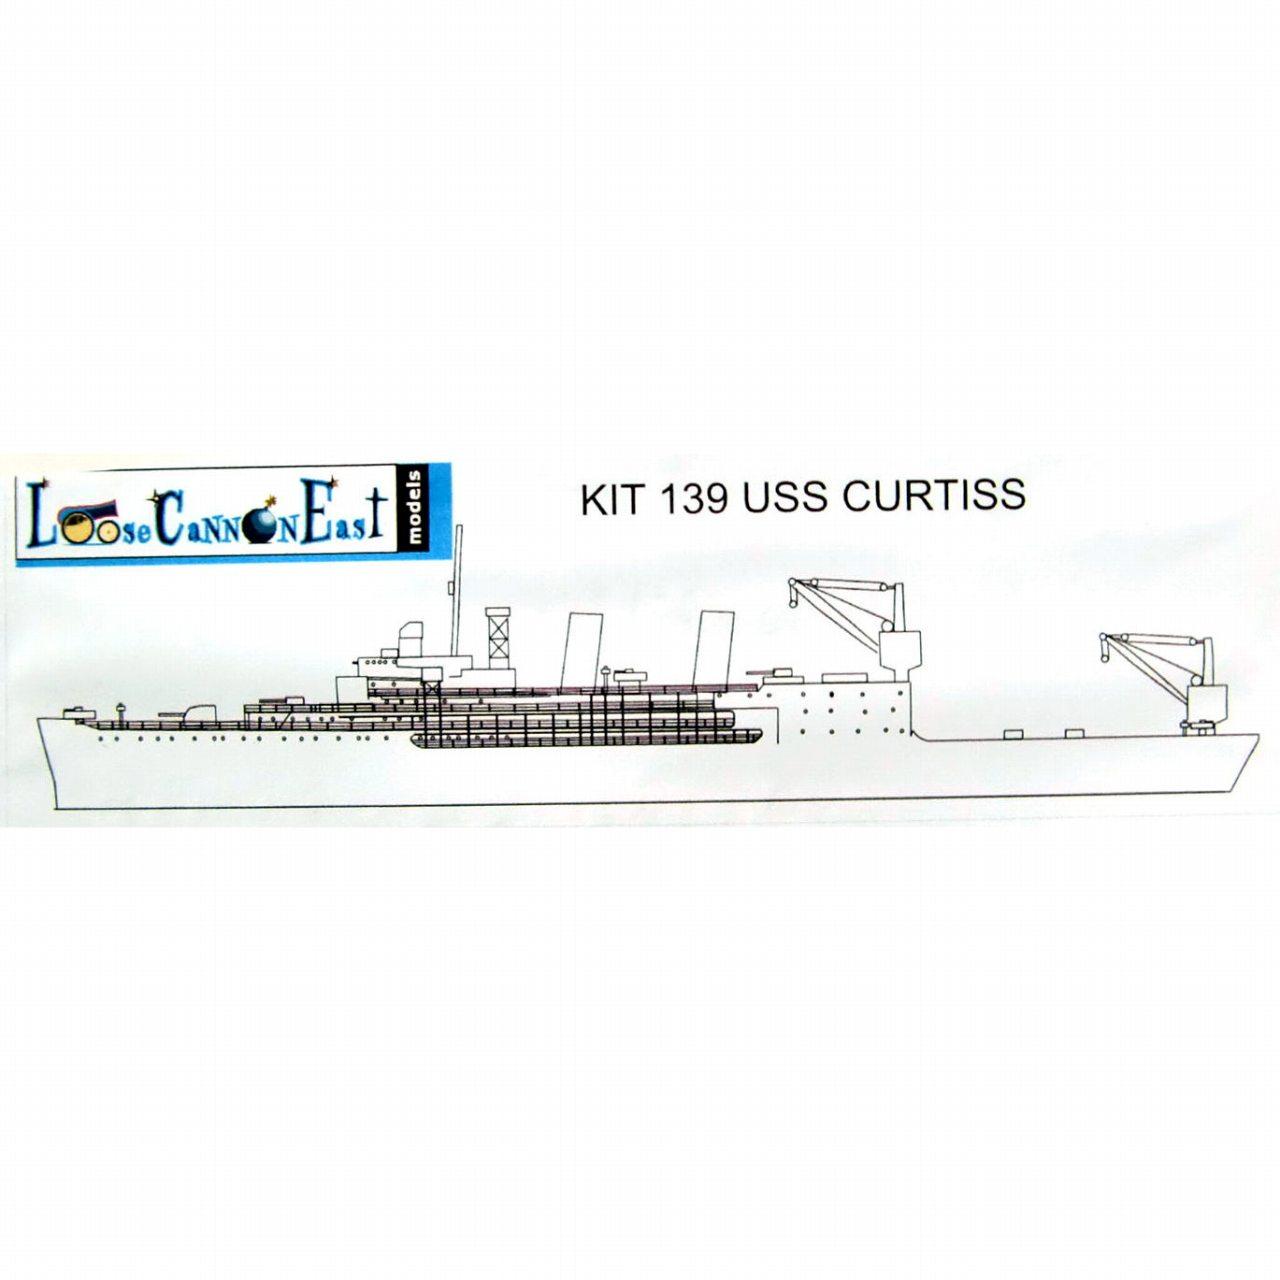 【新製品】139 米海軍 カーティス級水上機母艦 AV-4 カーティス Curtiss